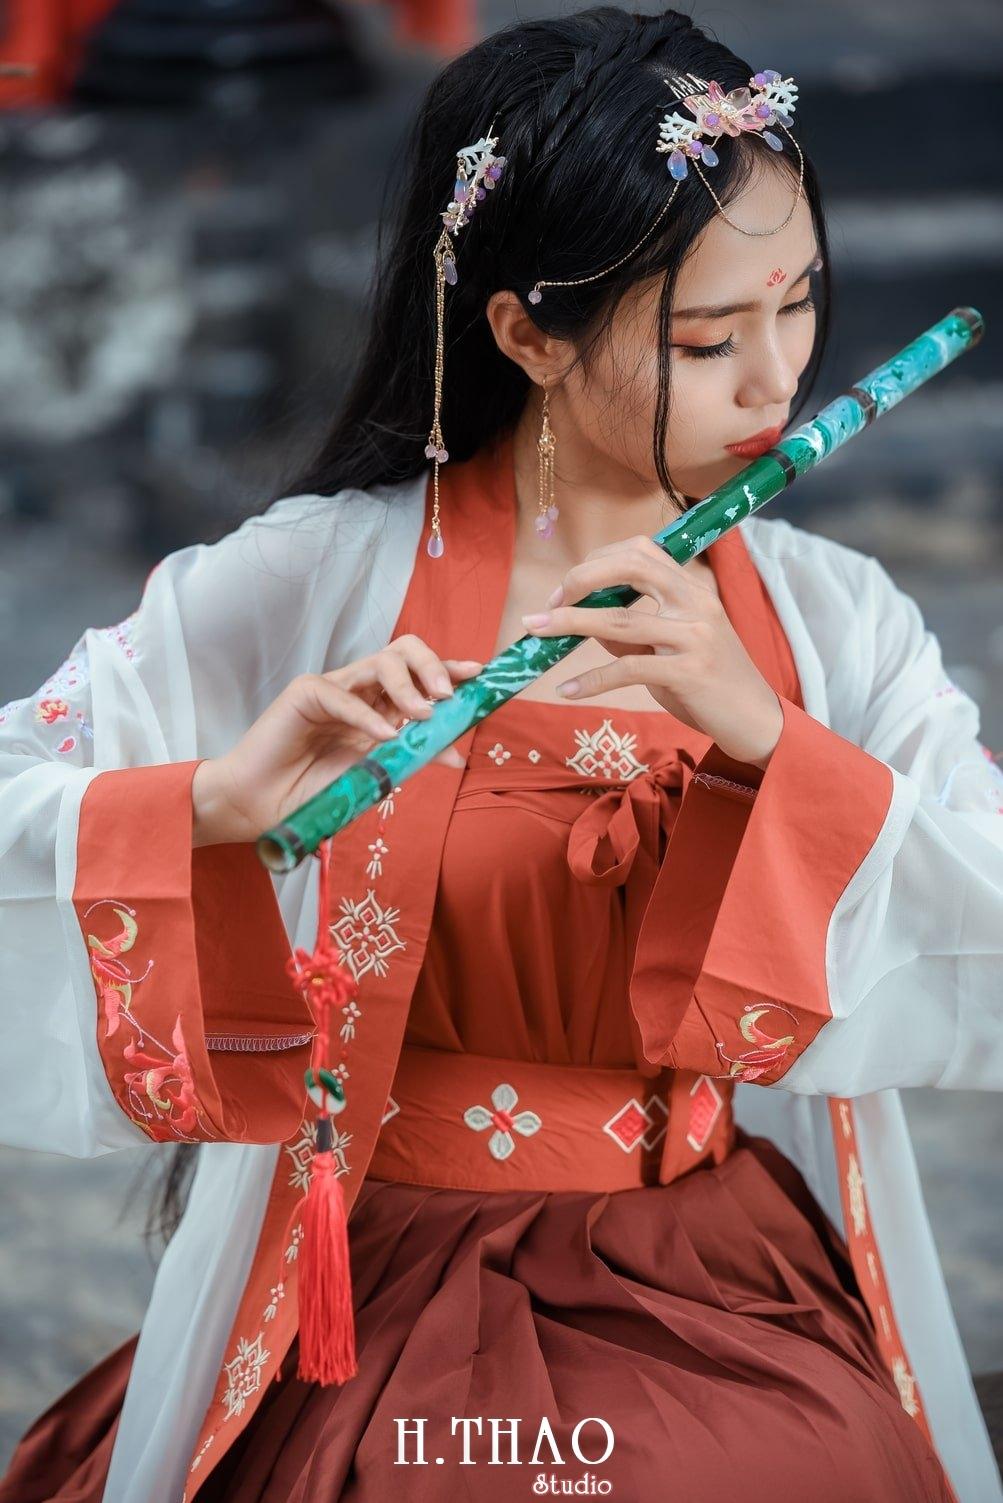 Anh tieu long nu 18 - Album ảnh chụp cổ trang cá nhân theo concept đời đường - HThao Studio